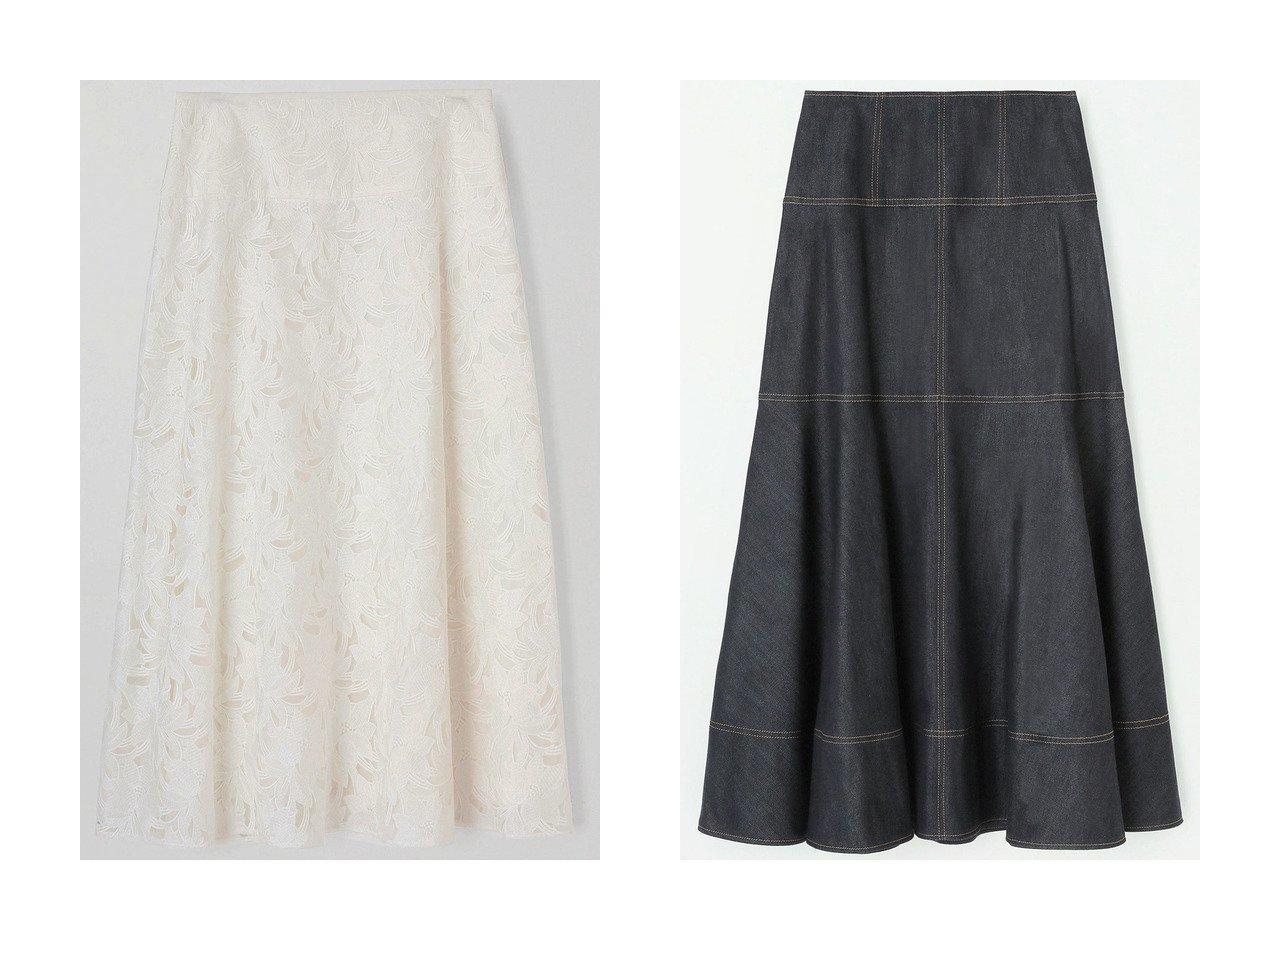 【ANAYI/アナイ】のフラワーエンブロイダリーフレアスカート&デニムライクロングスカート スカートのおすすめ!人気、トレンド・レディースファッションの通販  おすすめで人気の流行・トレンド、ファッションの通販商品 メンズファッション・キッズファッション・インテリア・家具・レディースファッション・服の通販 founy(ファニー) https://founy.com/ ファッション Fashion レディースファッション WOMEN スカート Skirt ロングスカート Long Skirt Aライン/フレアスカート Flared A-Line Skirts 2021年 2021 2021 春夏 S/S SS Spring/Summer 2021 S/S 春夏 SS Spring/Summer シルク シンプル ストレッチ デニム フレア ロング 切替 春 Spring |ID:crp329100000015599